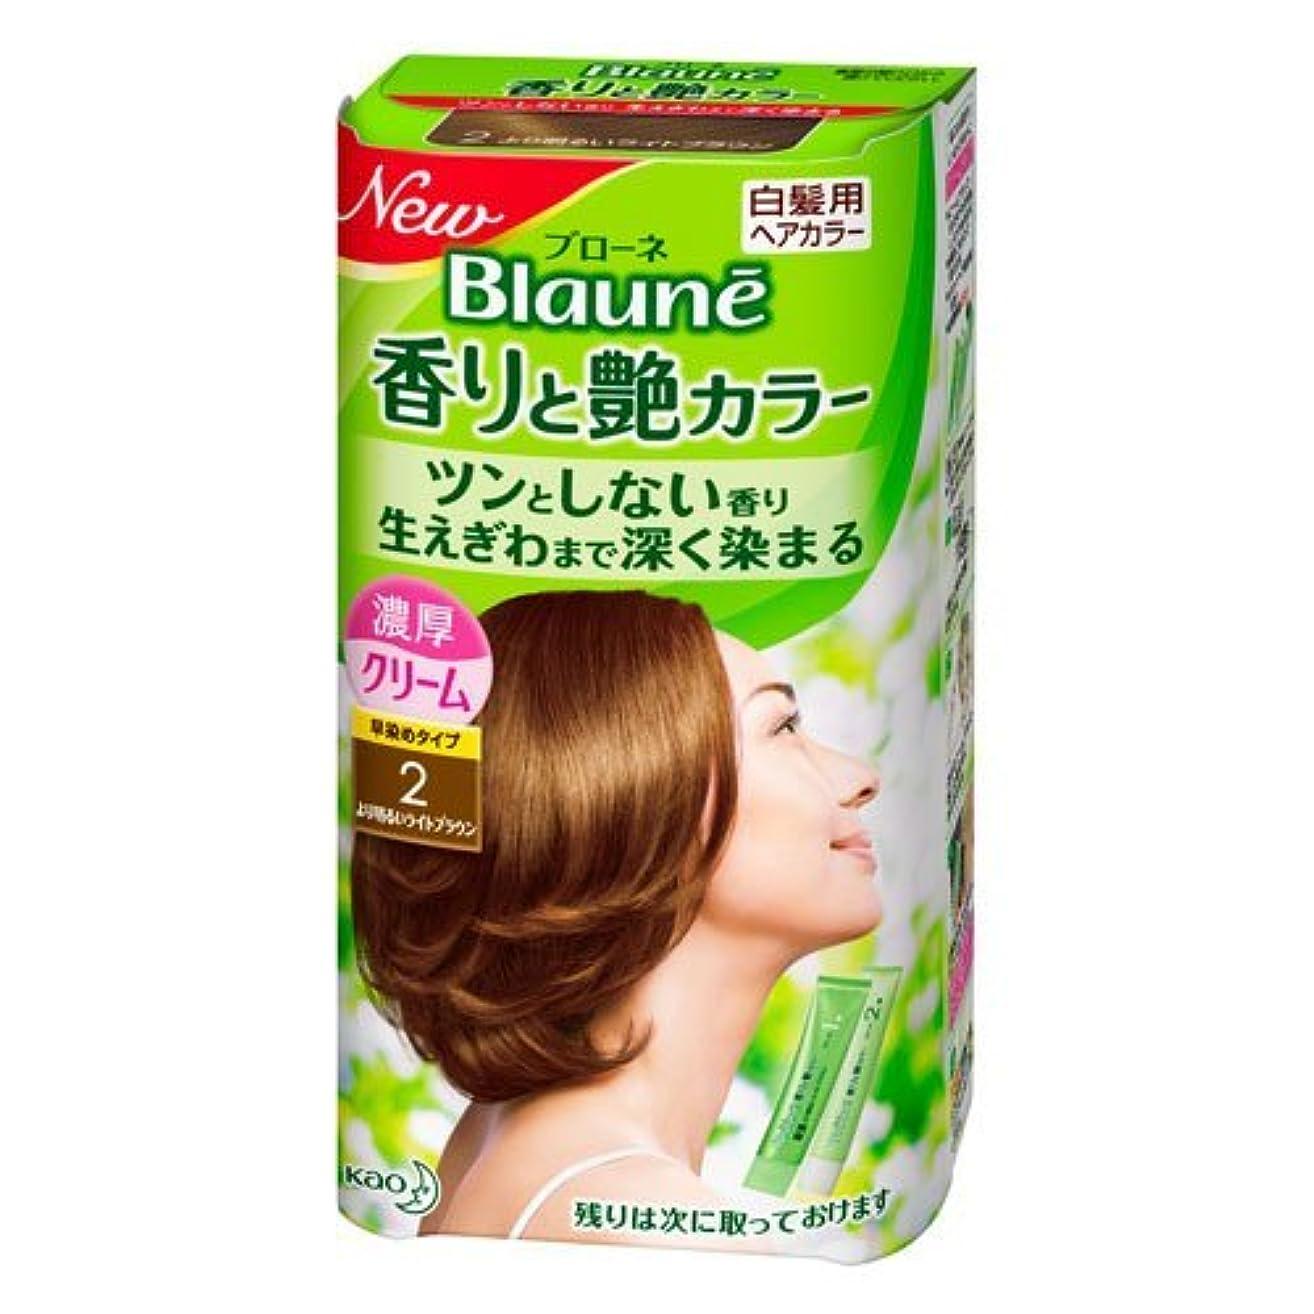 数期待するどうやって【花王】ブローネ 香りと艶カラー クリーム 2:より明るいライトブラウン 80g ×5個セット